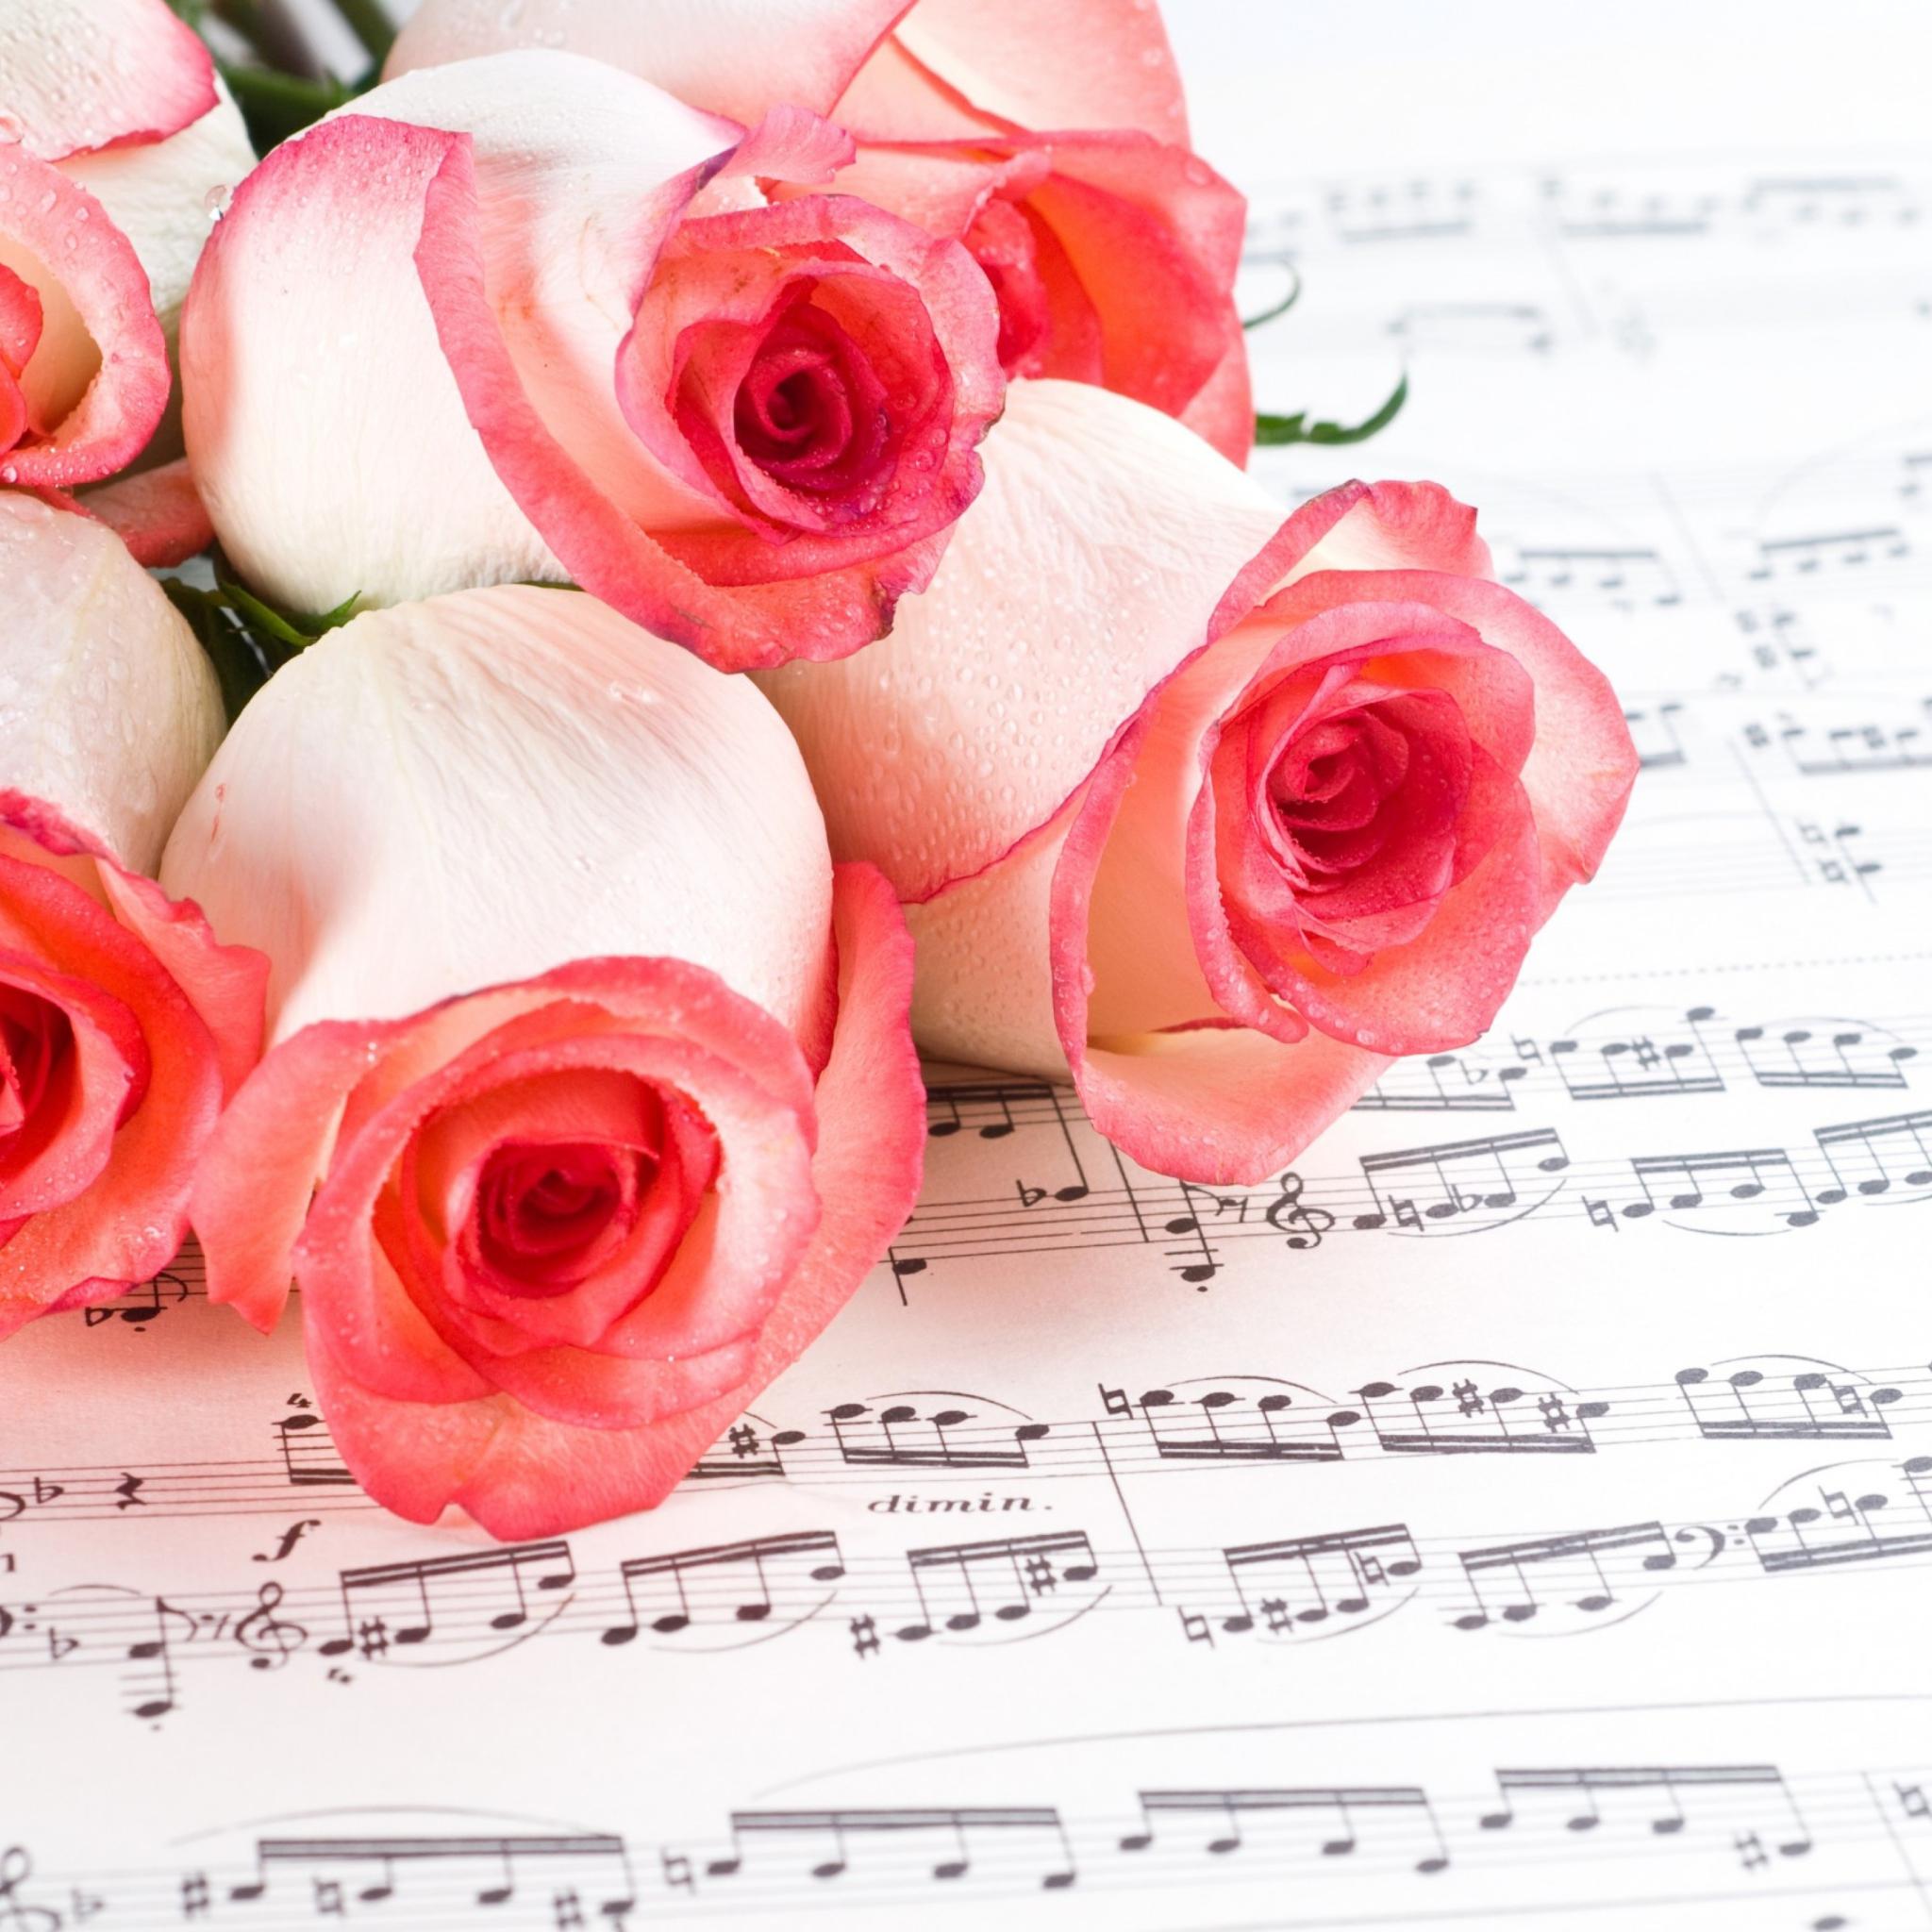 Музыкальная открытка для учителя с днем рождения